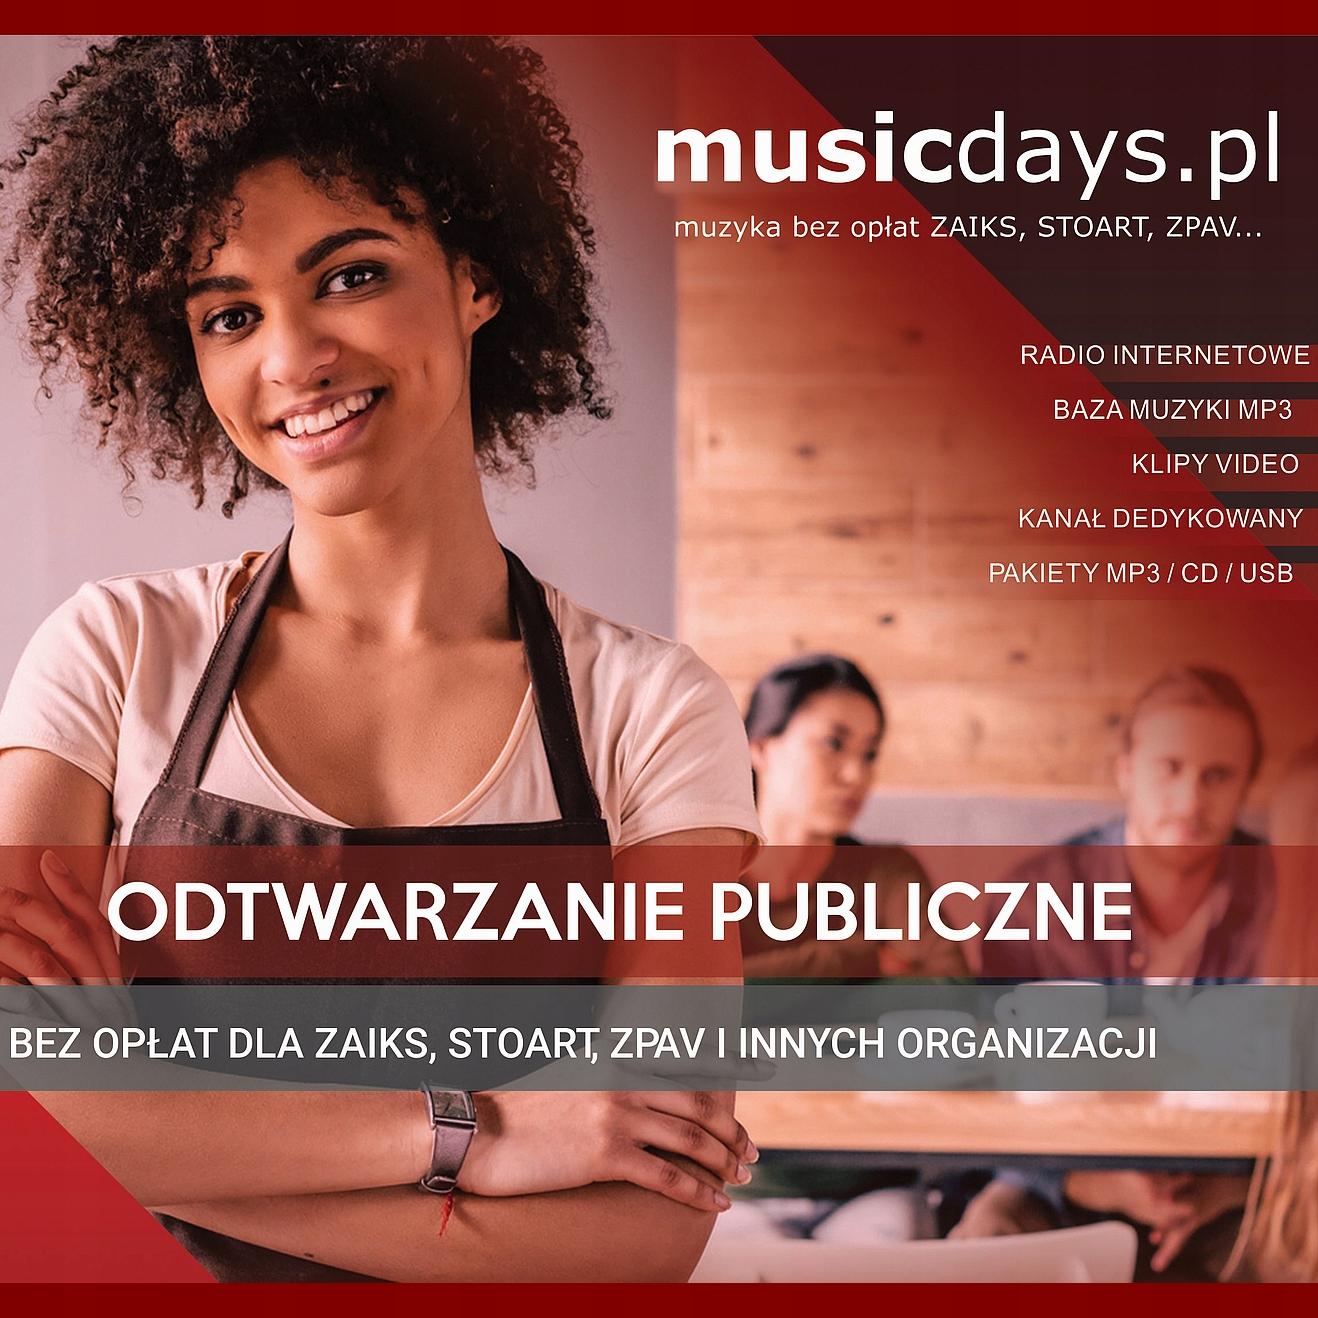 Hudba bez nabíjania Zaiks - 3 albumy Chill 5 MP3 + USB